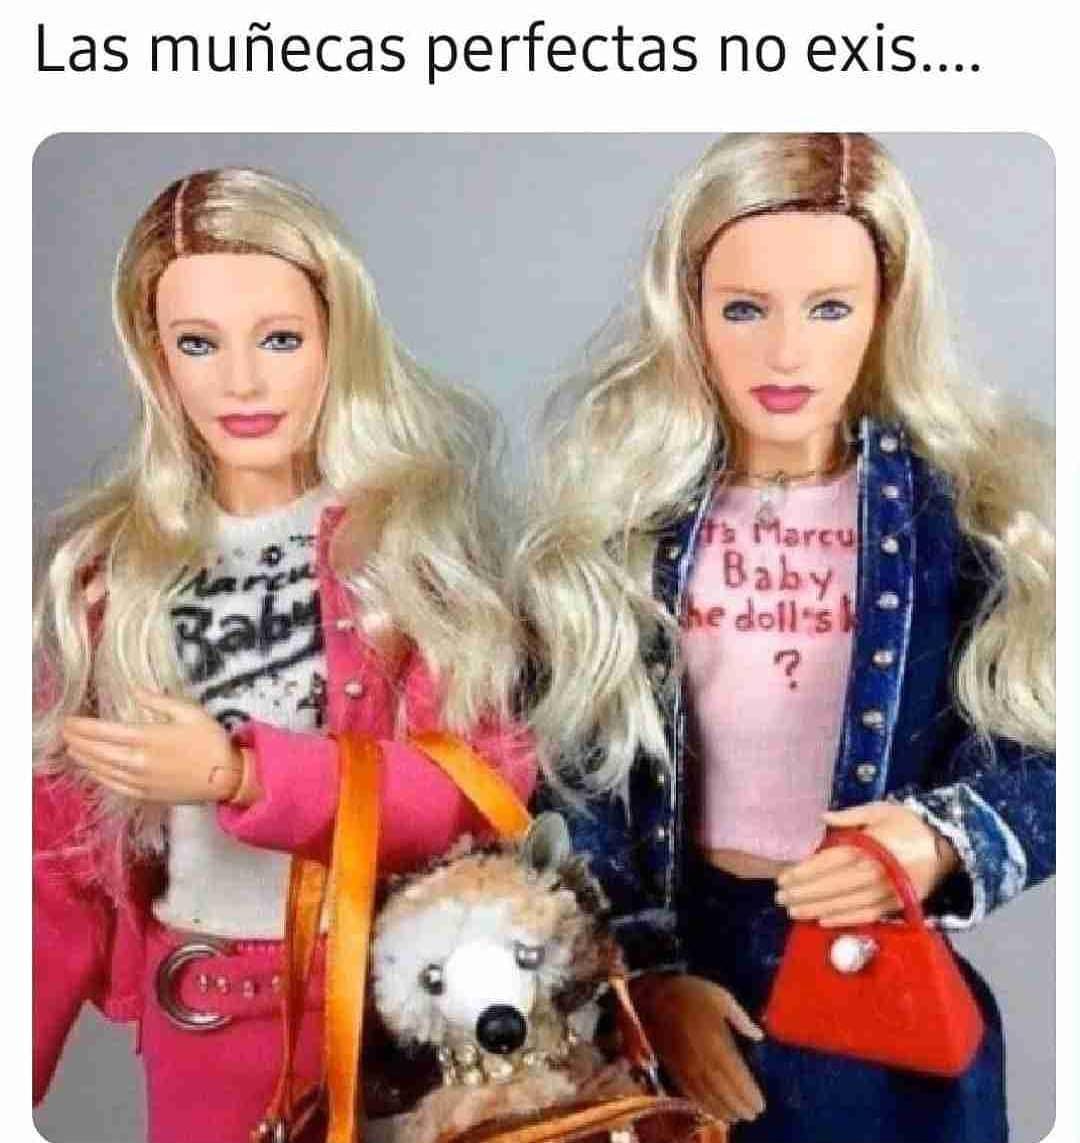 Las muñecas perfectas no exis...